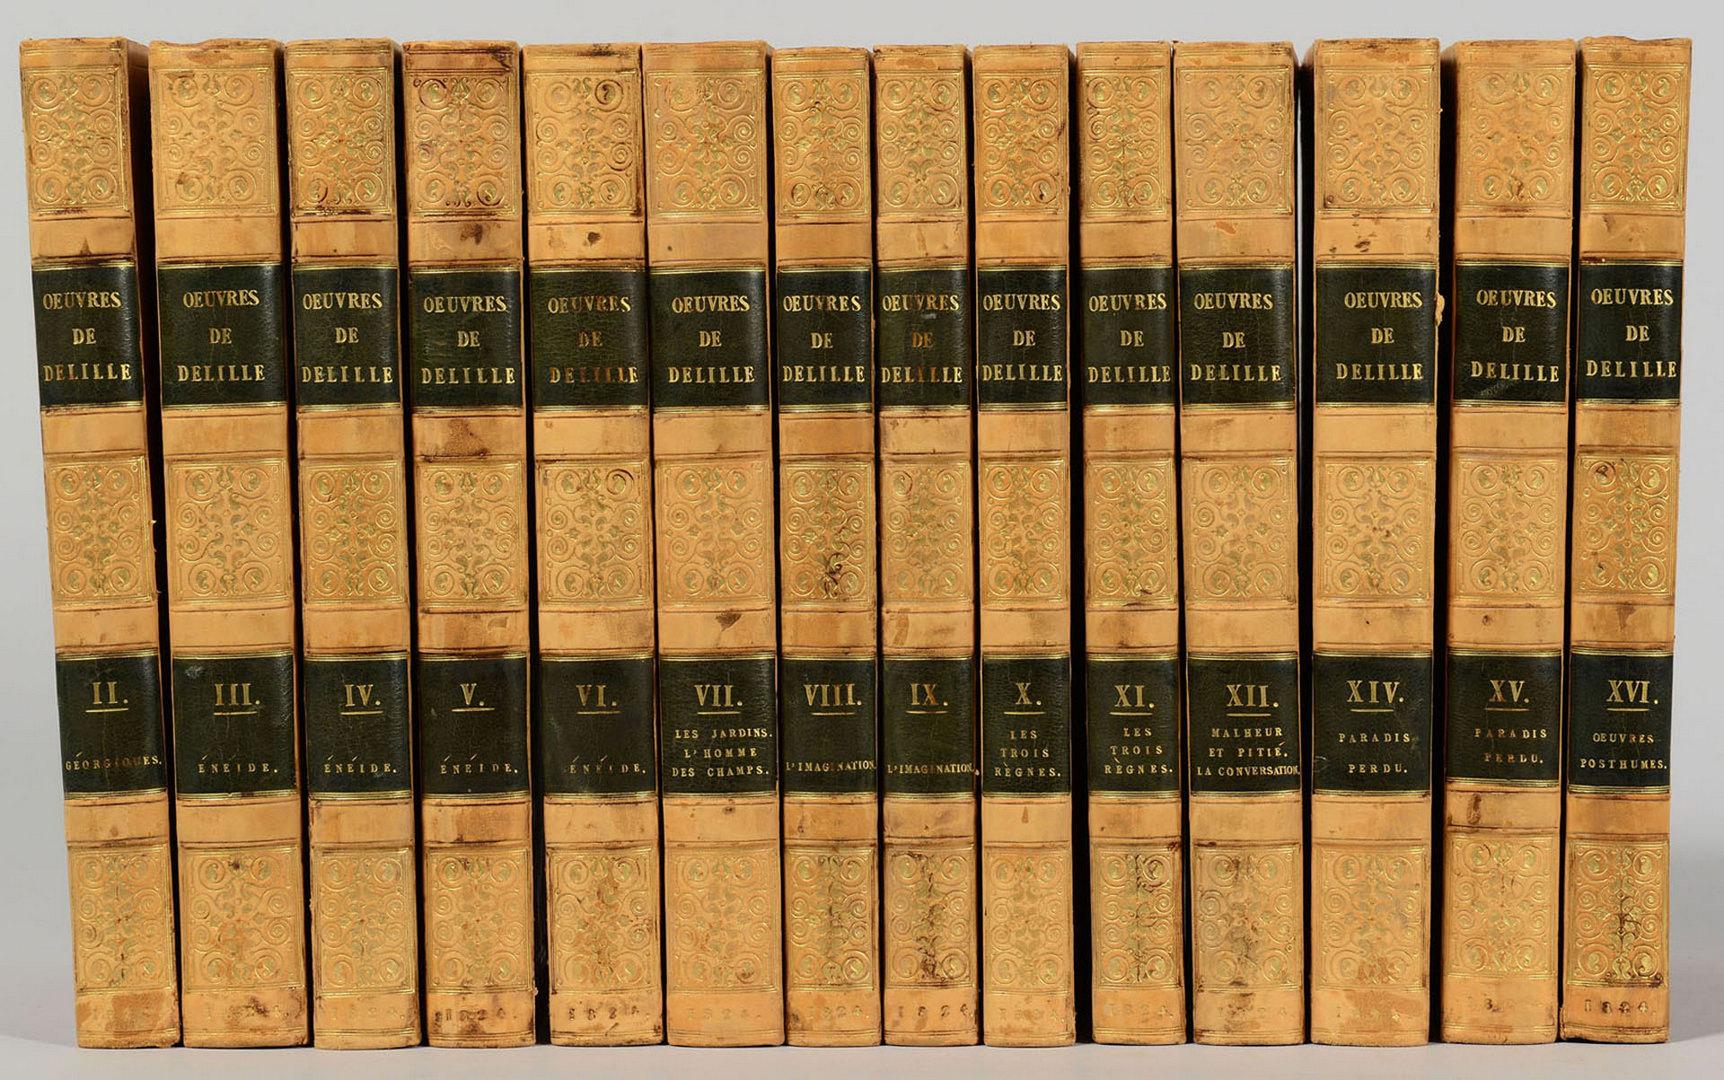 Lot 609: Oeuvres de Delille, 14 vols.